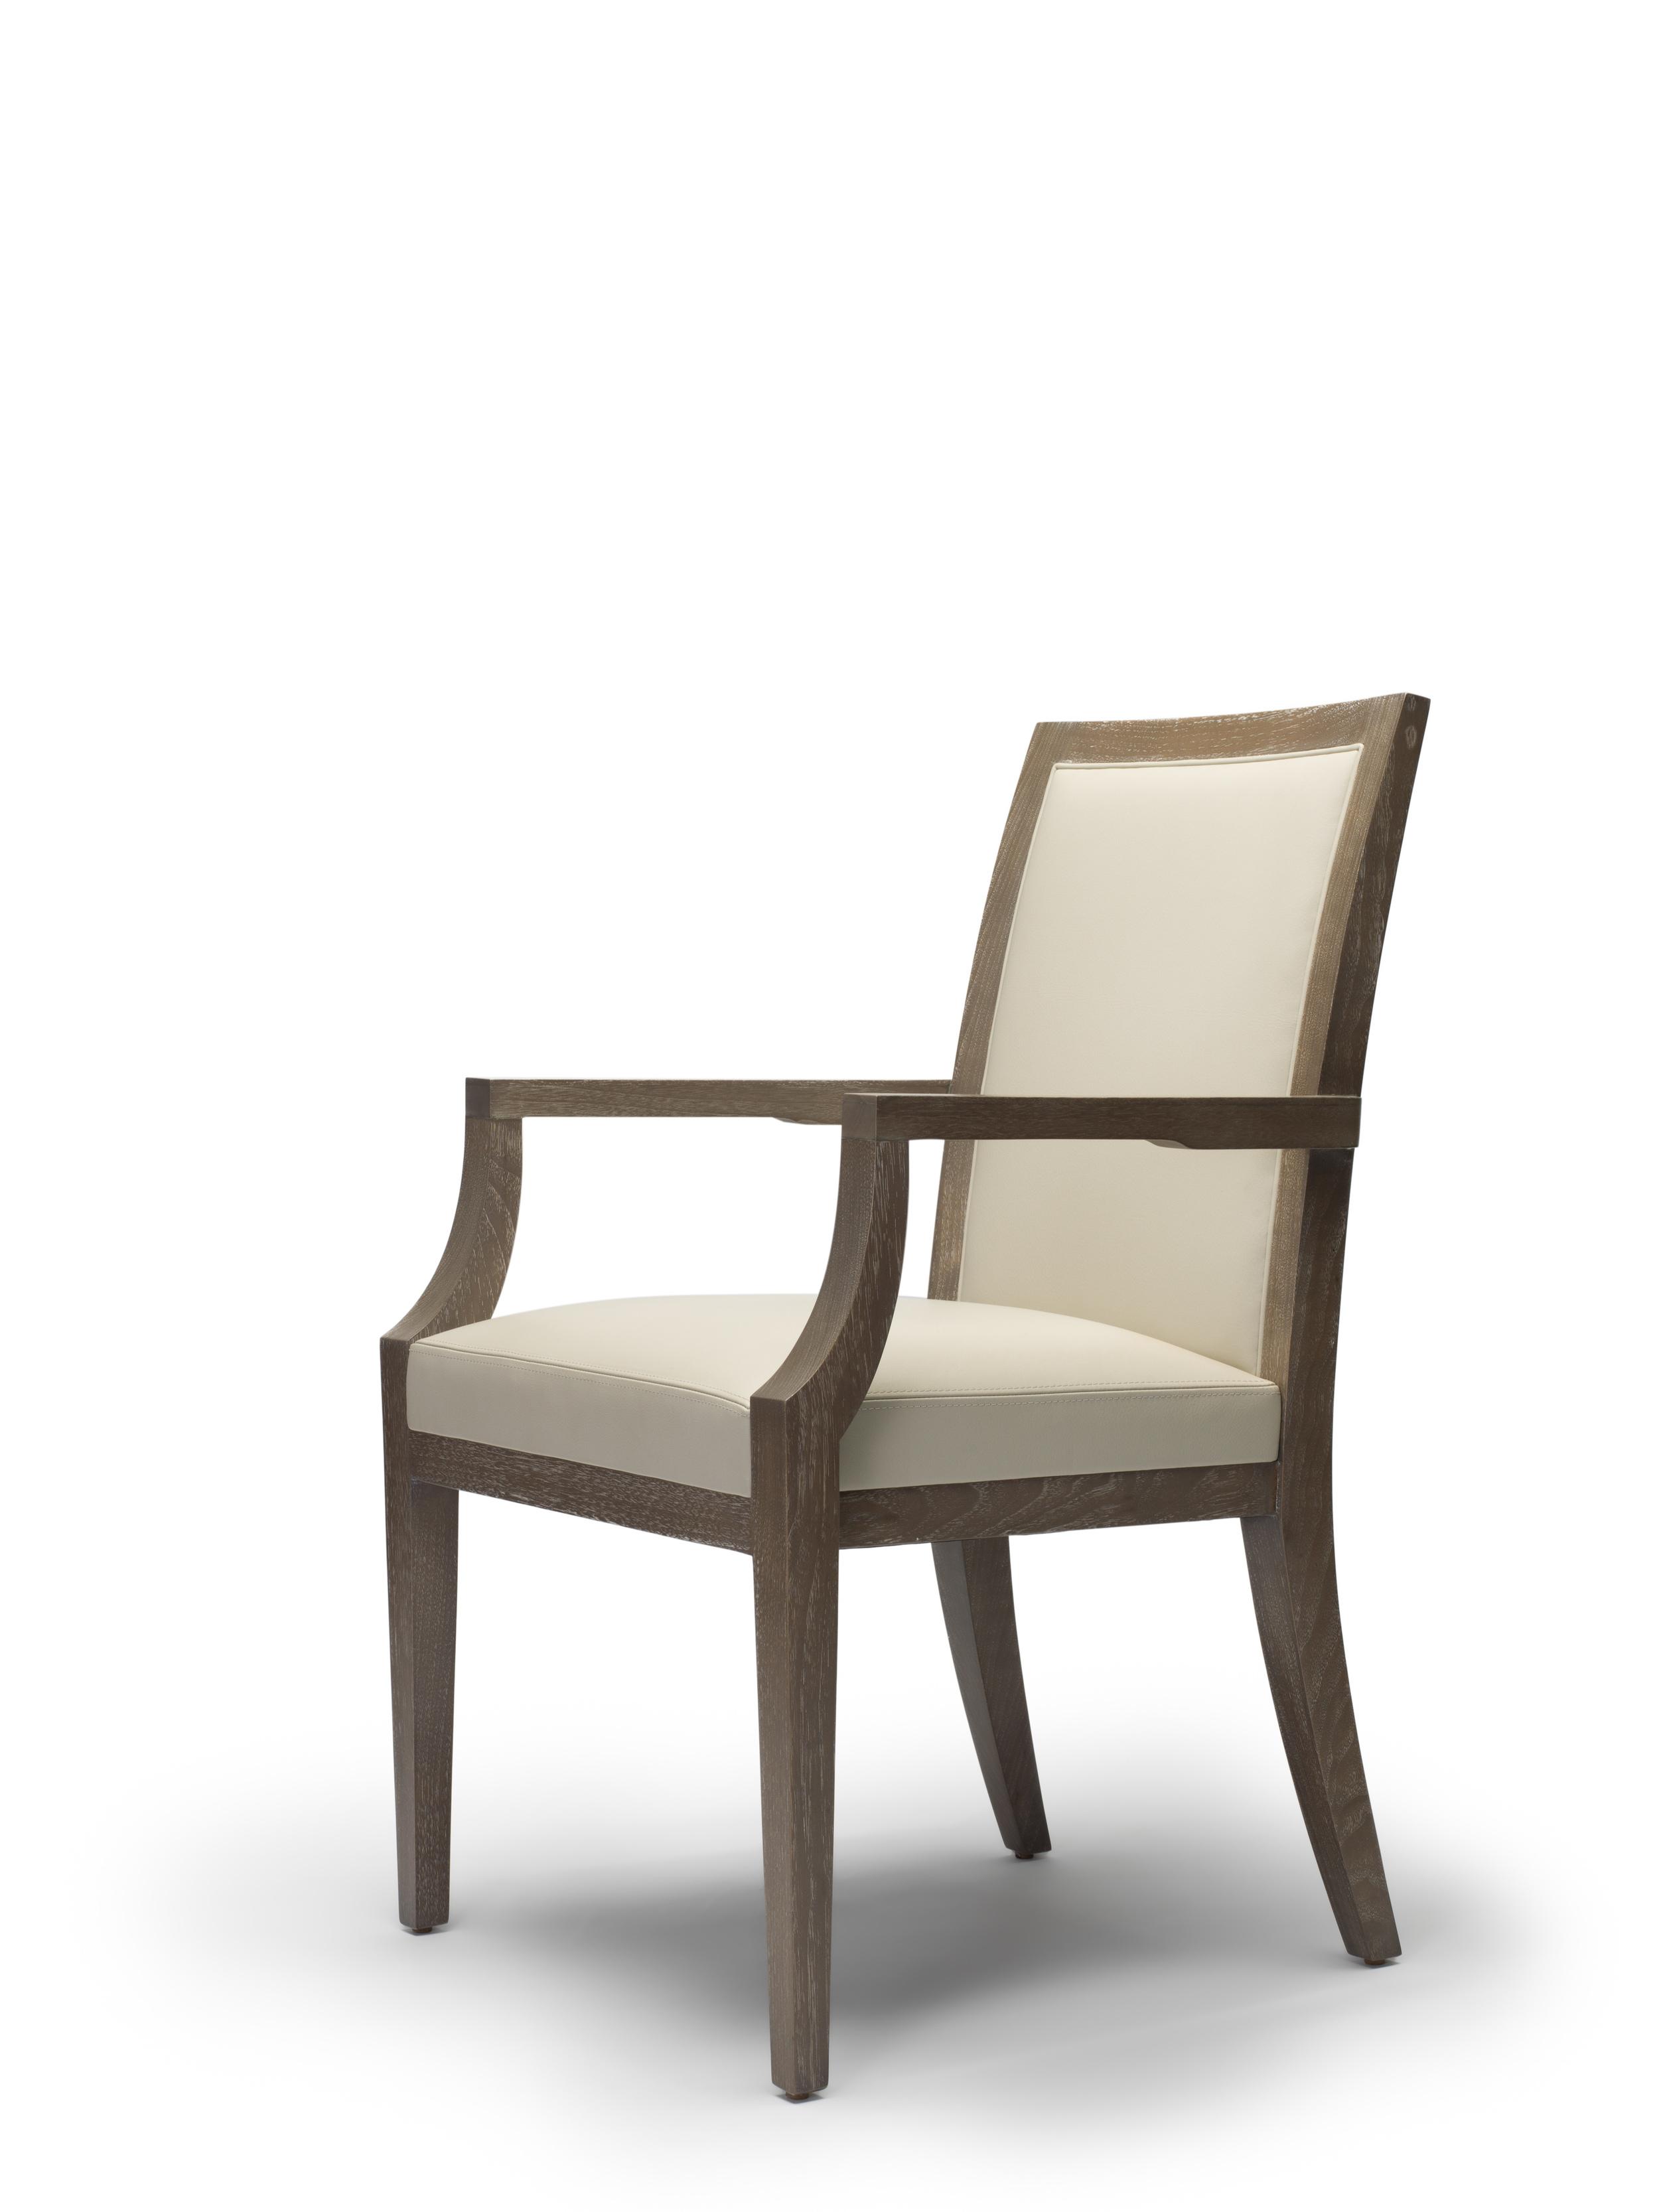 Regal Arm Chair